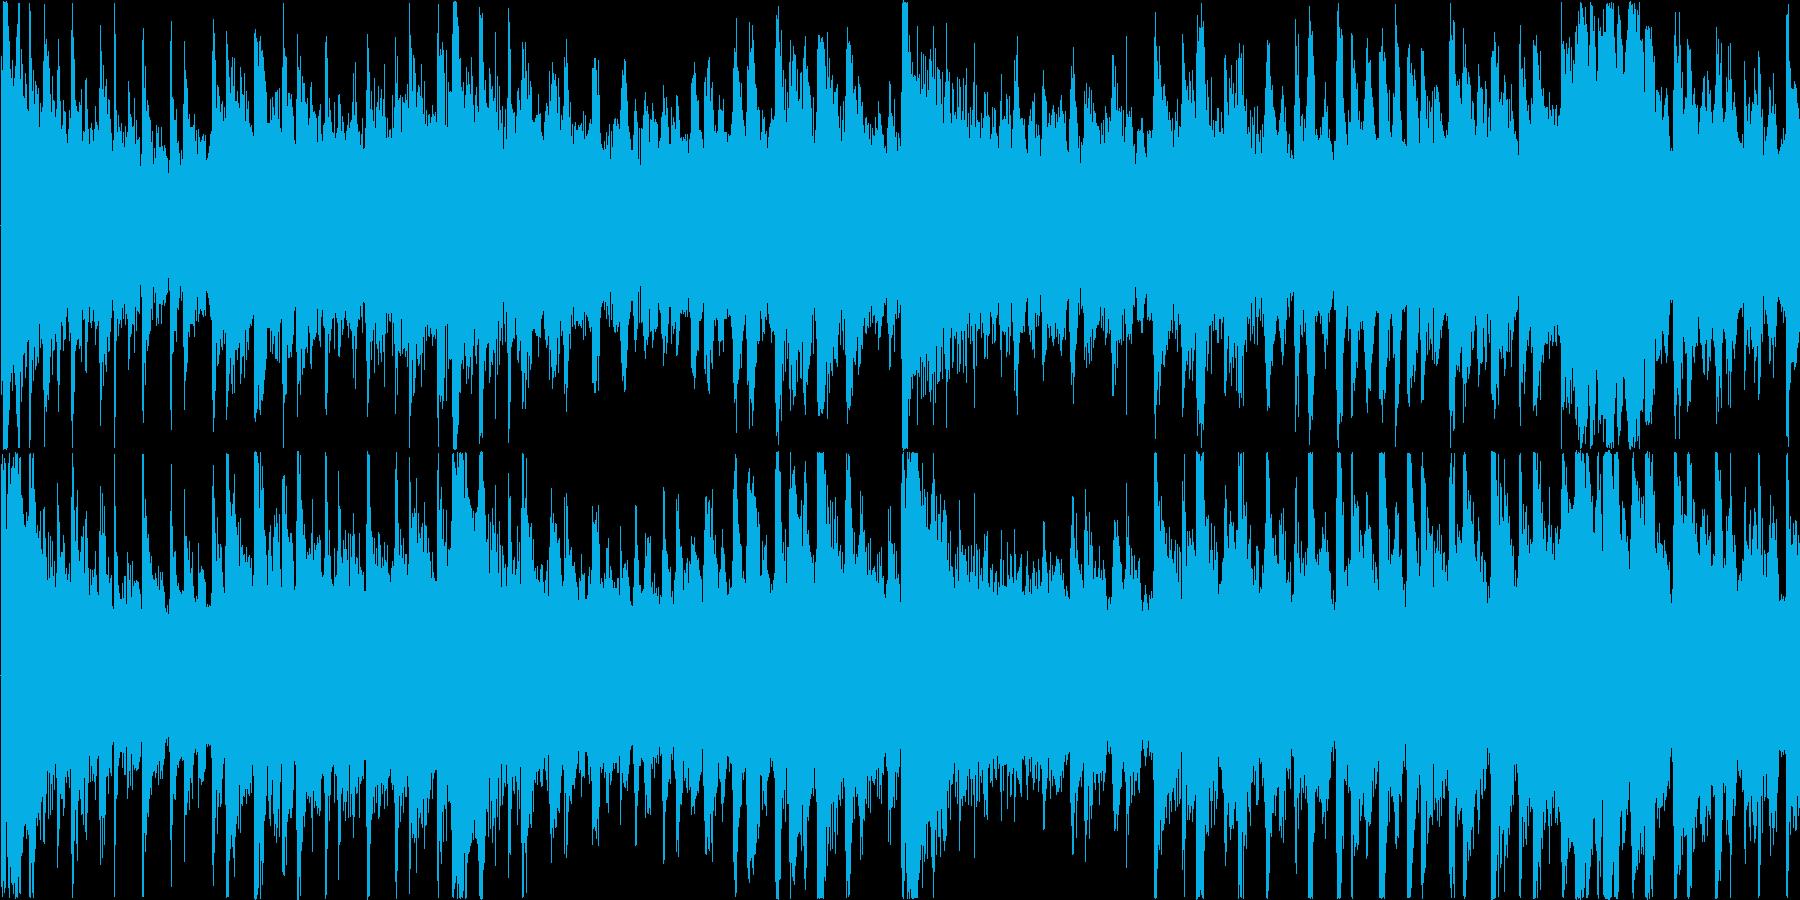 ミステリアスで不安を感じるアンビエントの再生済みの波形